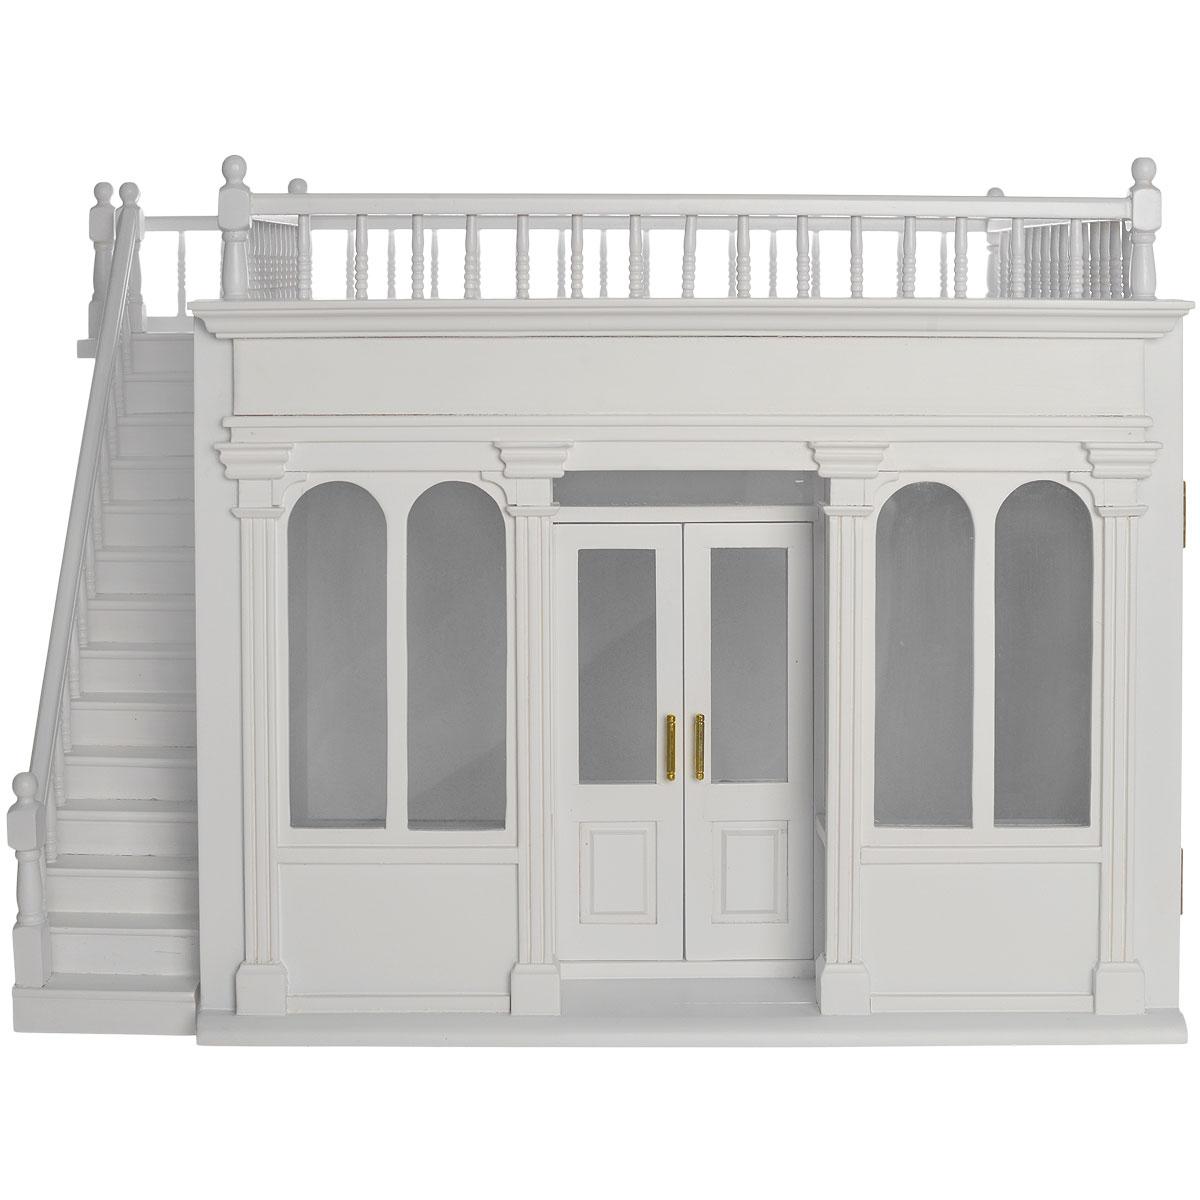 Миниатюра кукольная Art of Mini Румбокс Модерн, цвет: белый, 49 см х 37 см х 13 смAM0103001Миниатюра кукольная Art of Mini Румбокс Модерн изготовлена из дерева светлого цвета масштабе 1:12. Румбокс - это небольшая витрина, представляющая собой миниатюрную комнату или ее часть. Миниатюра выполнена в виде комнаты с балконом. Окна застеклены, а двери могут открываться. Кукольная миниатюра представляет собой целый мир с собственной модой, историей и законами. В нашей стране кукольная и историческая миниатюра только набирает популярность, тогда как в других государствах уже сложились целые традиции по созданию миниатюр. Создание миниатюр сводится к правильному подбору всех элементов интерьера согласно сюжетному и историческому контексту. Очень часто наборы кукольных миниатюр передается от поколения к поколению. И порой такие коллекции - далеко не детская забава, а настоящее серьезное хобби для взрослых. Стильные, красивые маленькие вещички и аксессуары интересно расставлять по своим местам, создавая необычные исторические, фантазийные и классические инсталляции...